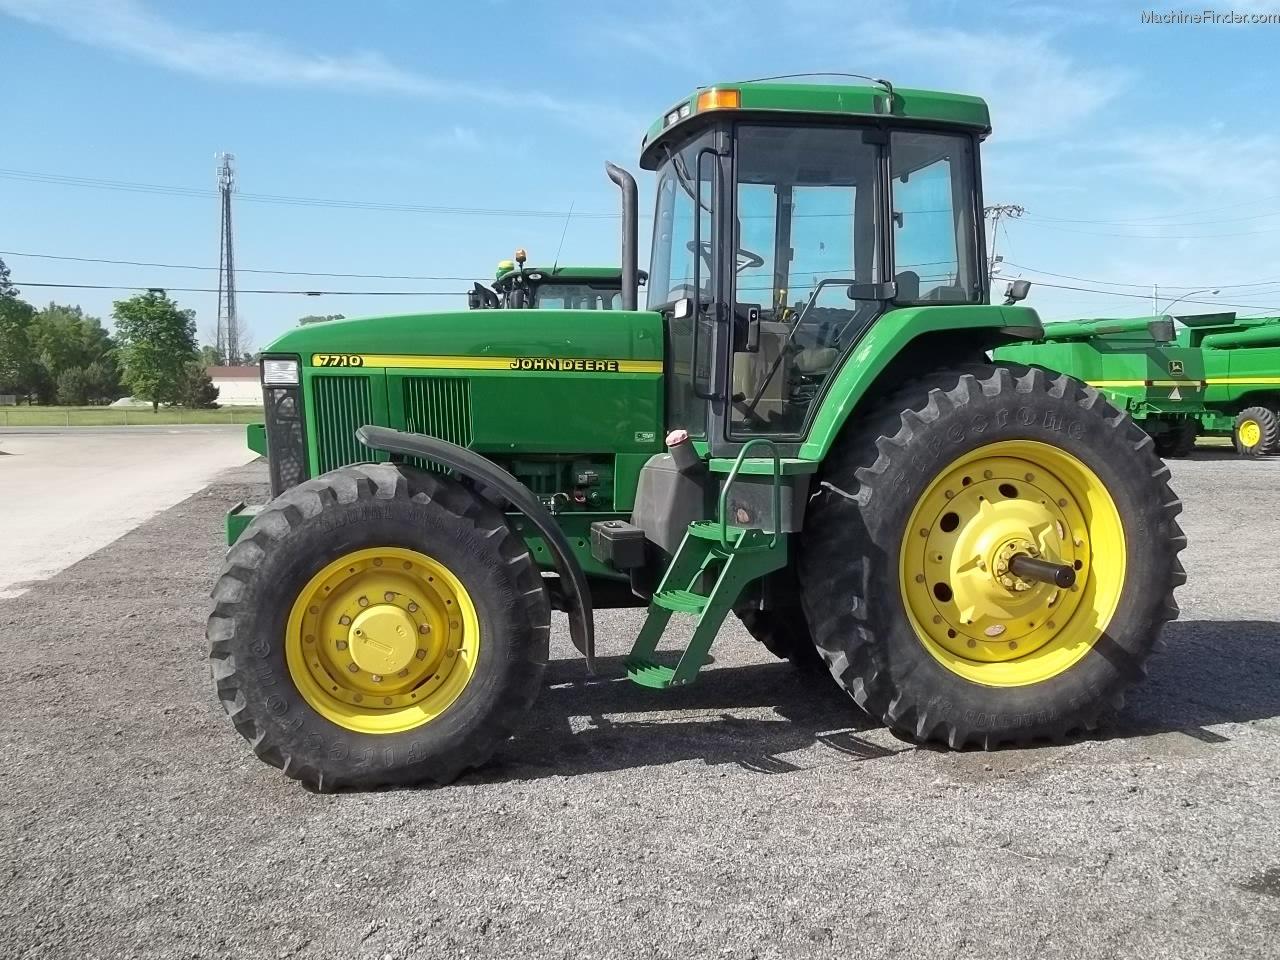 2000 John Deere 7710 Tractors - Row Crop (+100hp) - John ...